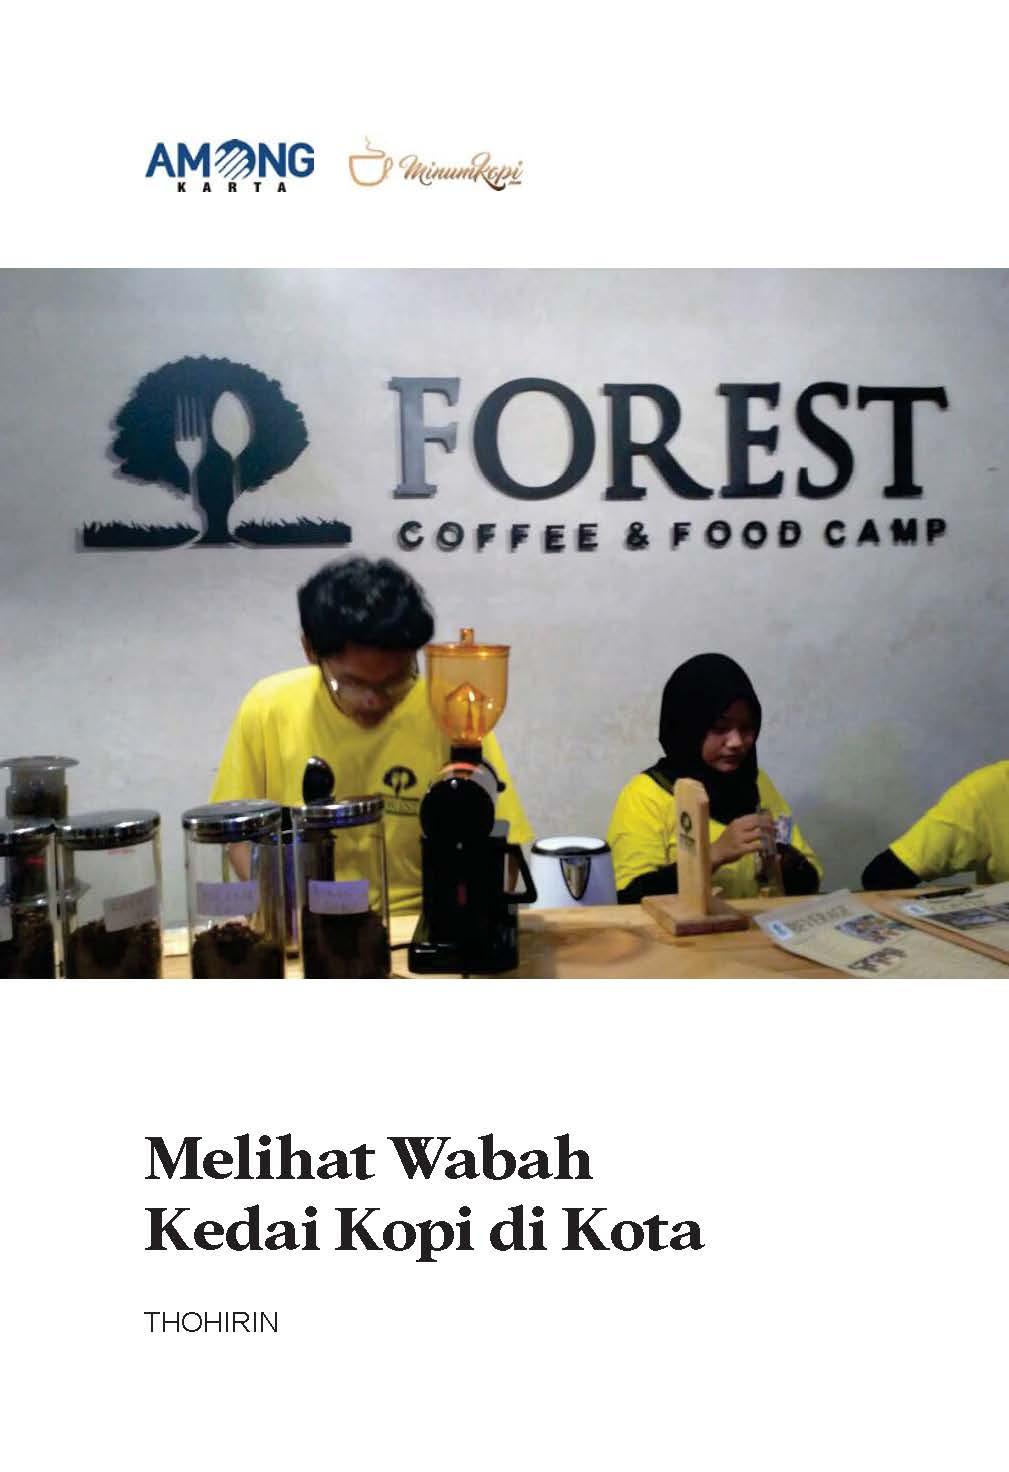 Melihat wabah kedai kopi di kota [sumber elektronis]